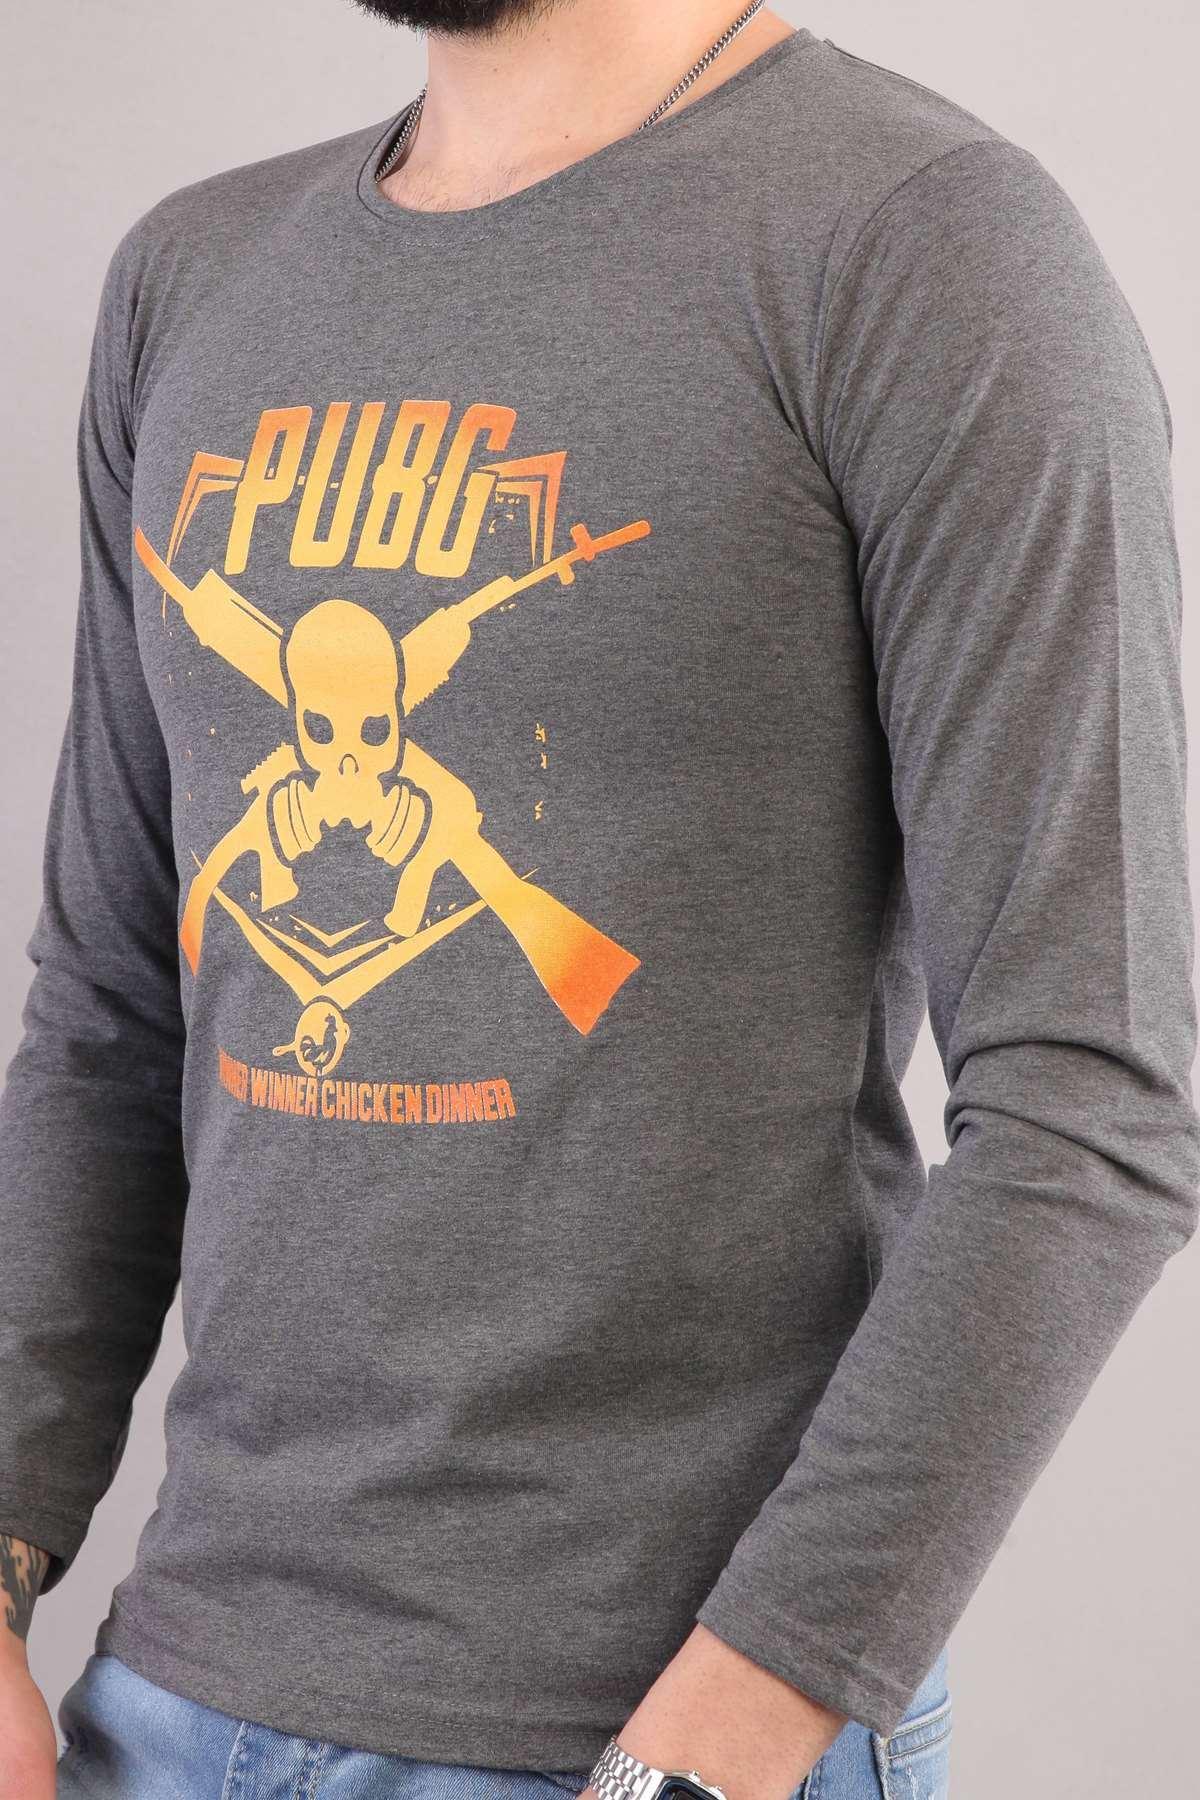 Pubg Yazılı Kuru Kafa Silah Baskılı Sweatshirt Antrasit